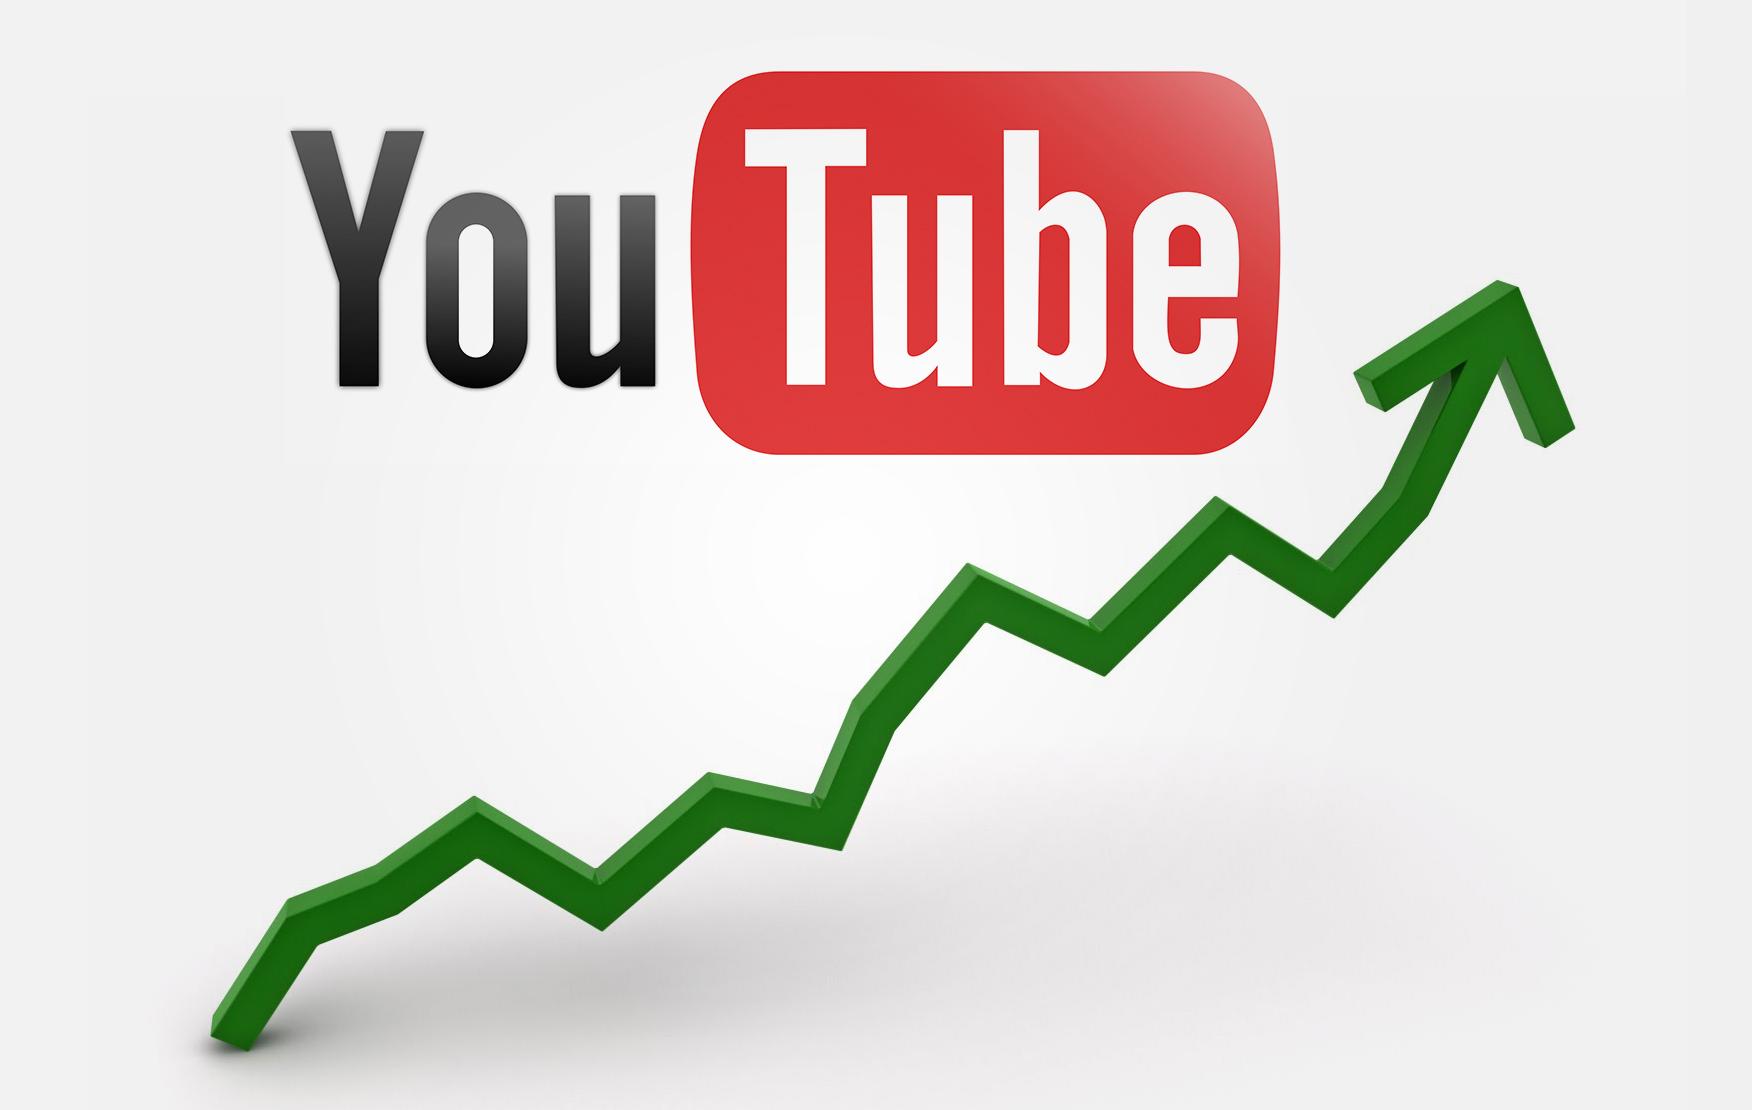 I need 3000 safe YouTube views